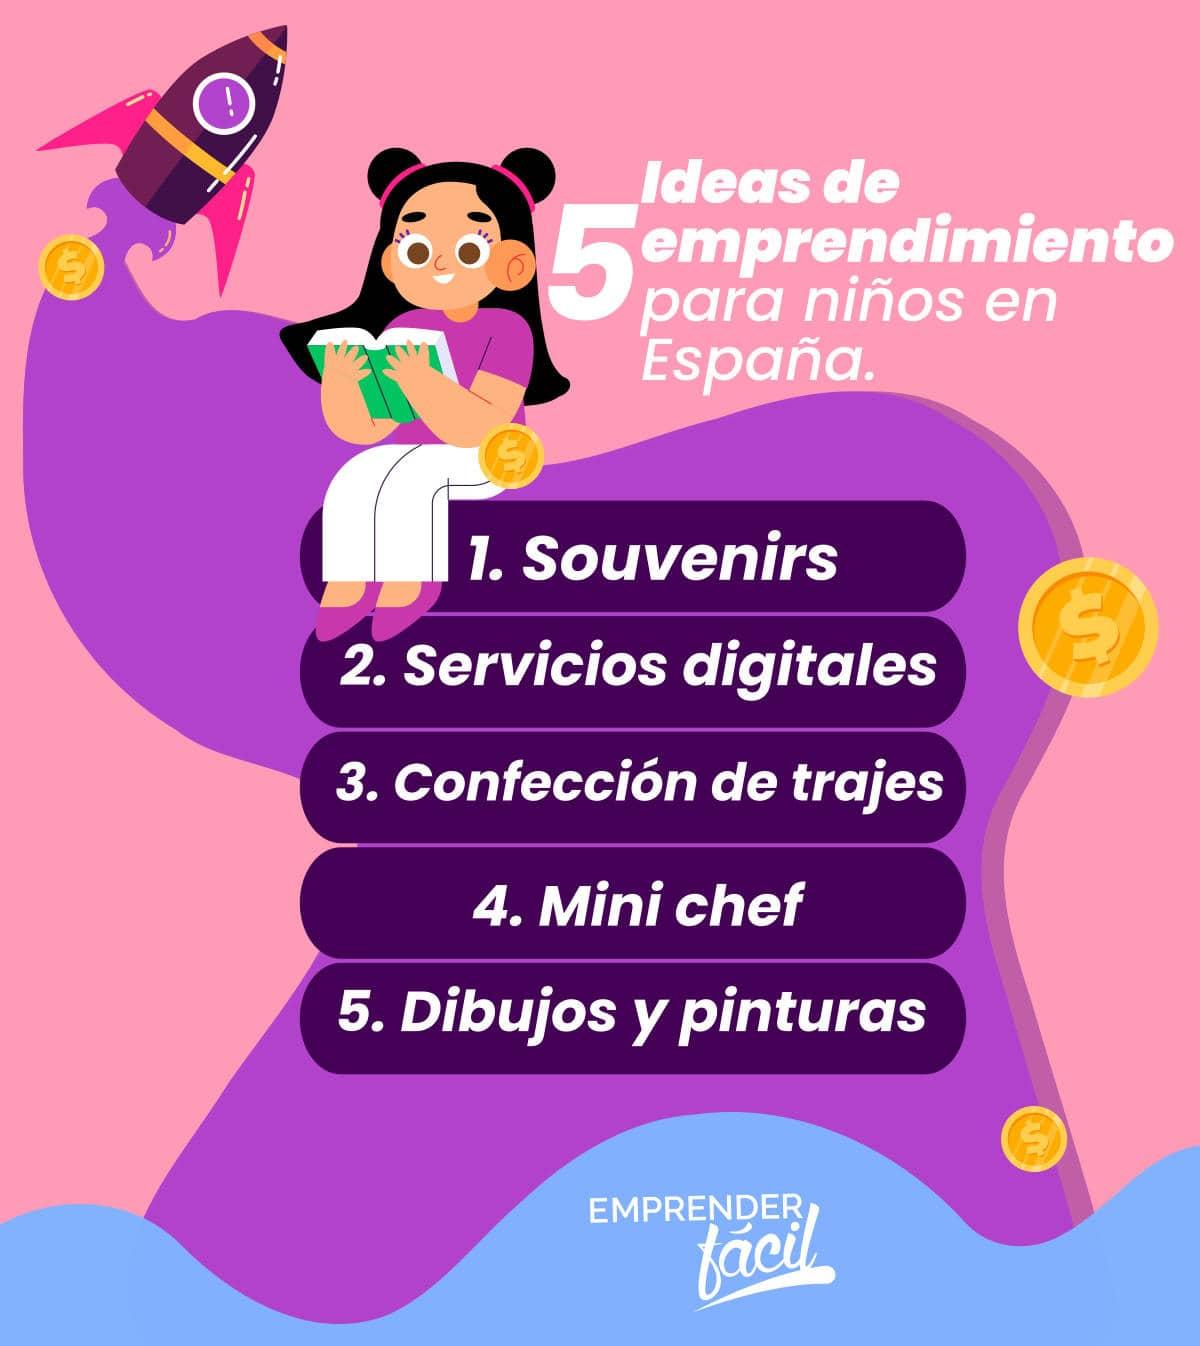 5 ideas de emprendimiento para niños en españa